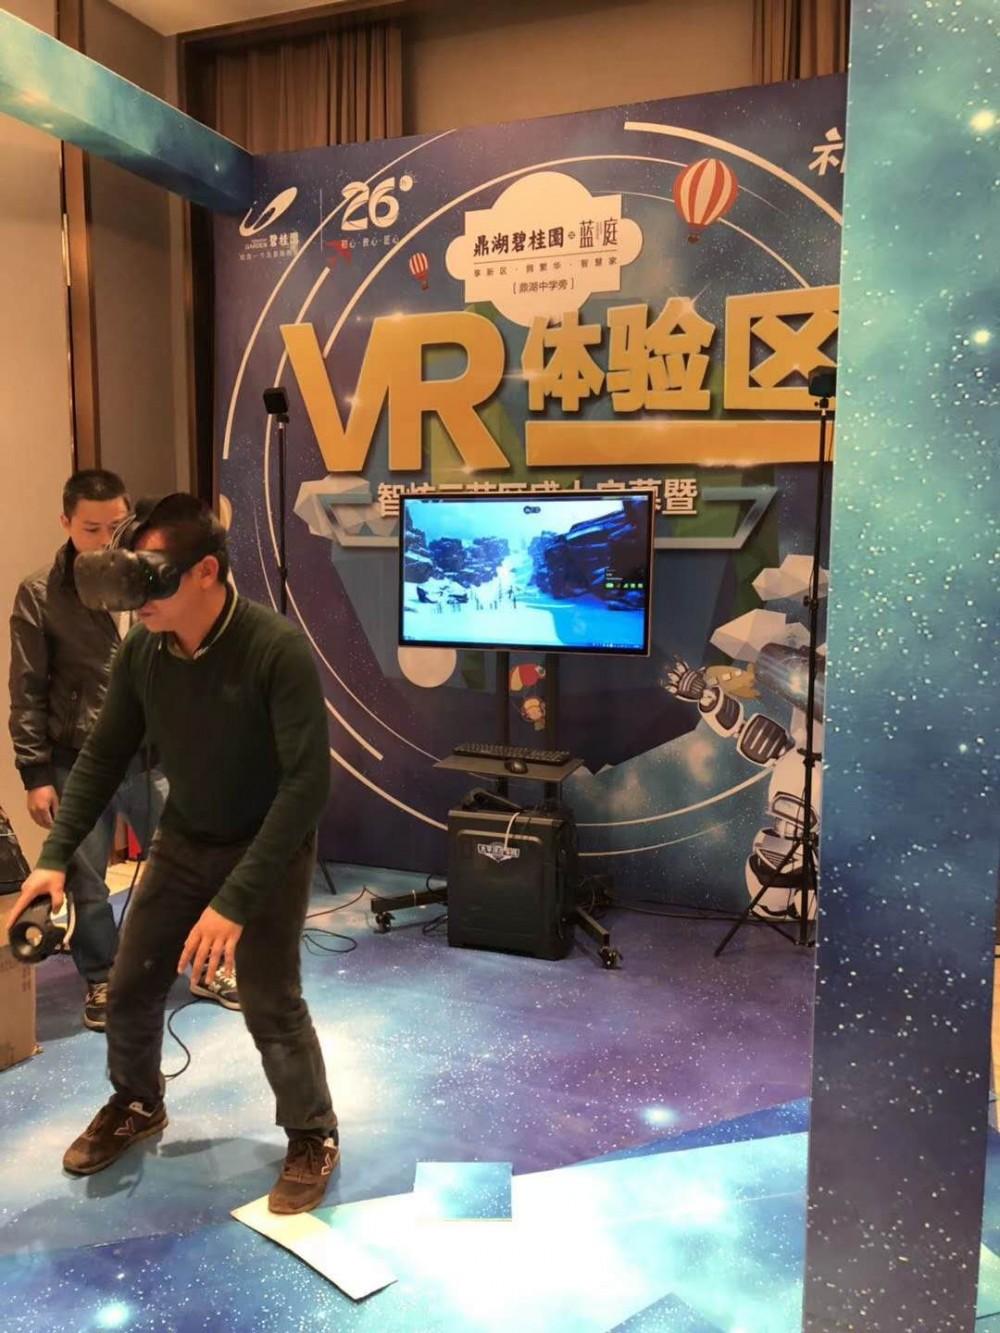 深圳VR消防VR交通VR地震VR垃圾分類游戲設備租賃科...